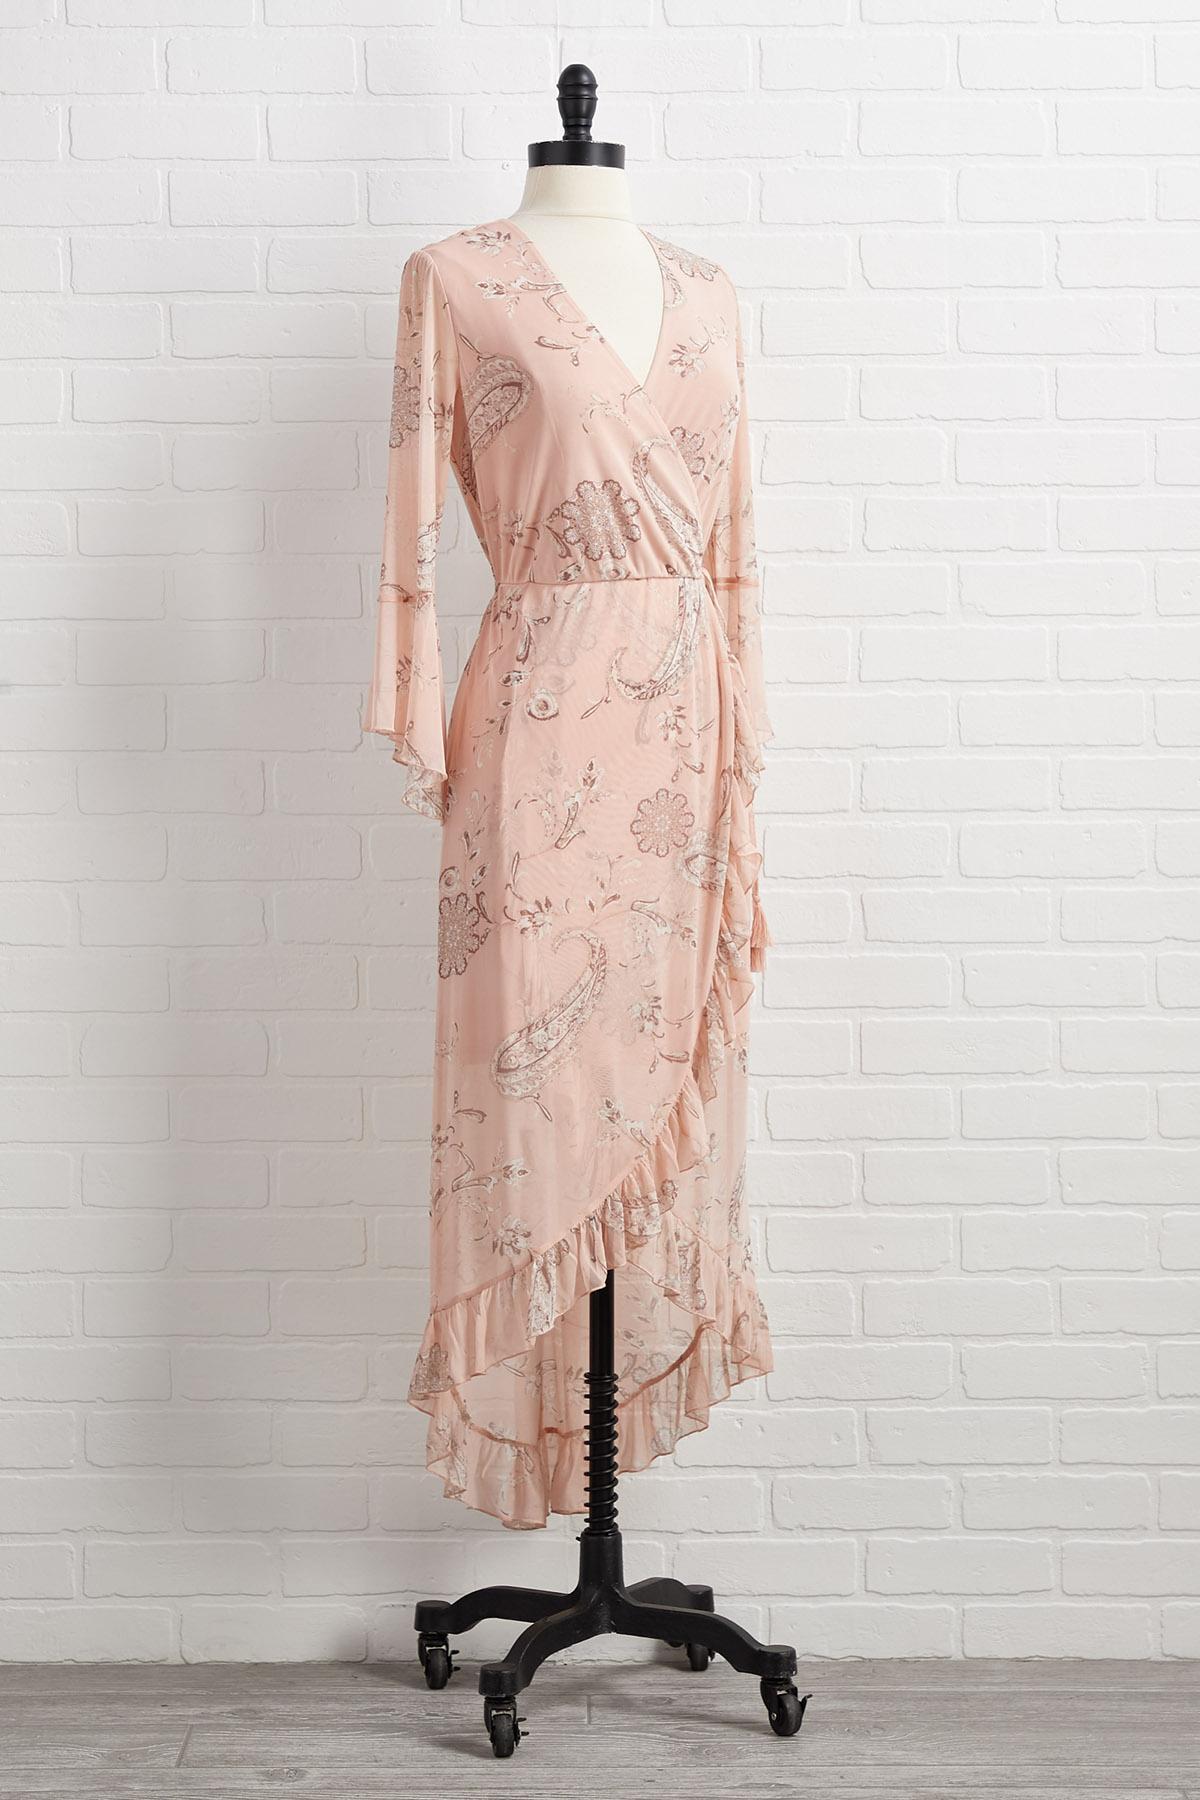 No Meshing Around Dress